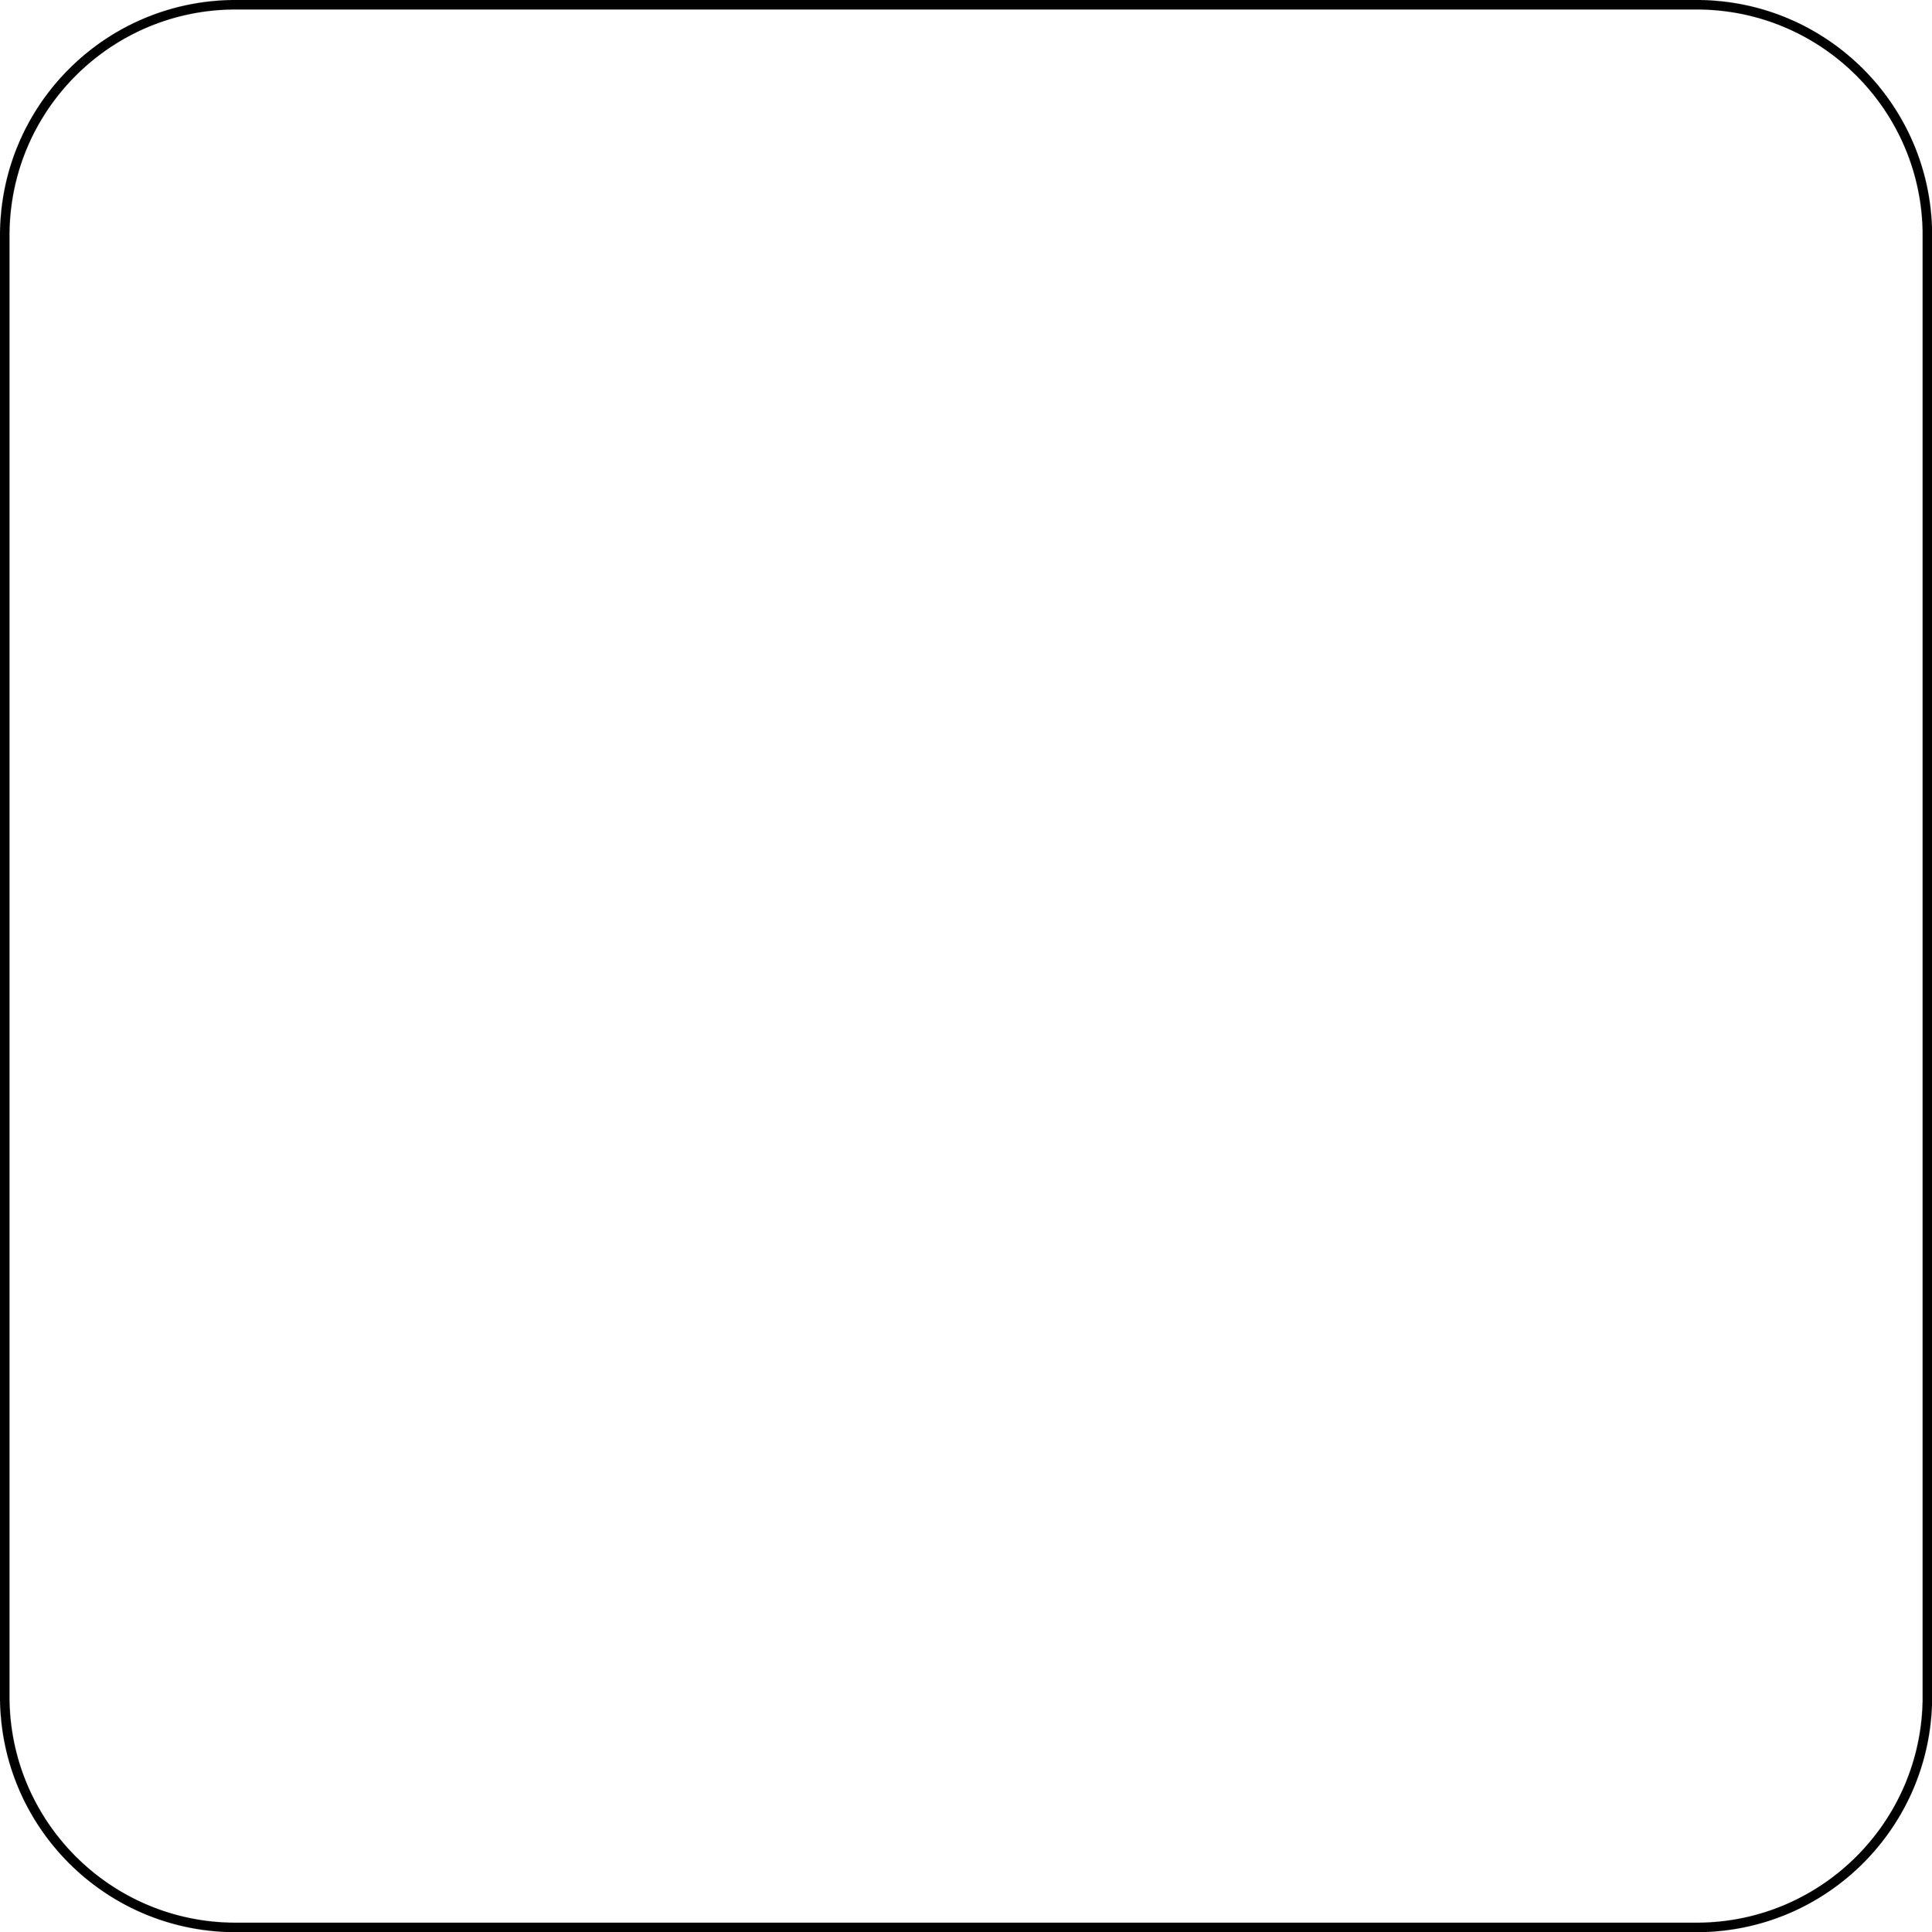 WhiteSample.jpg